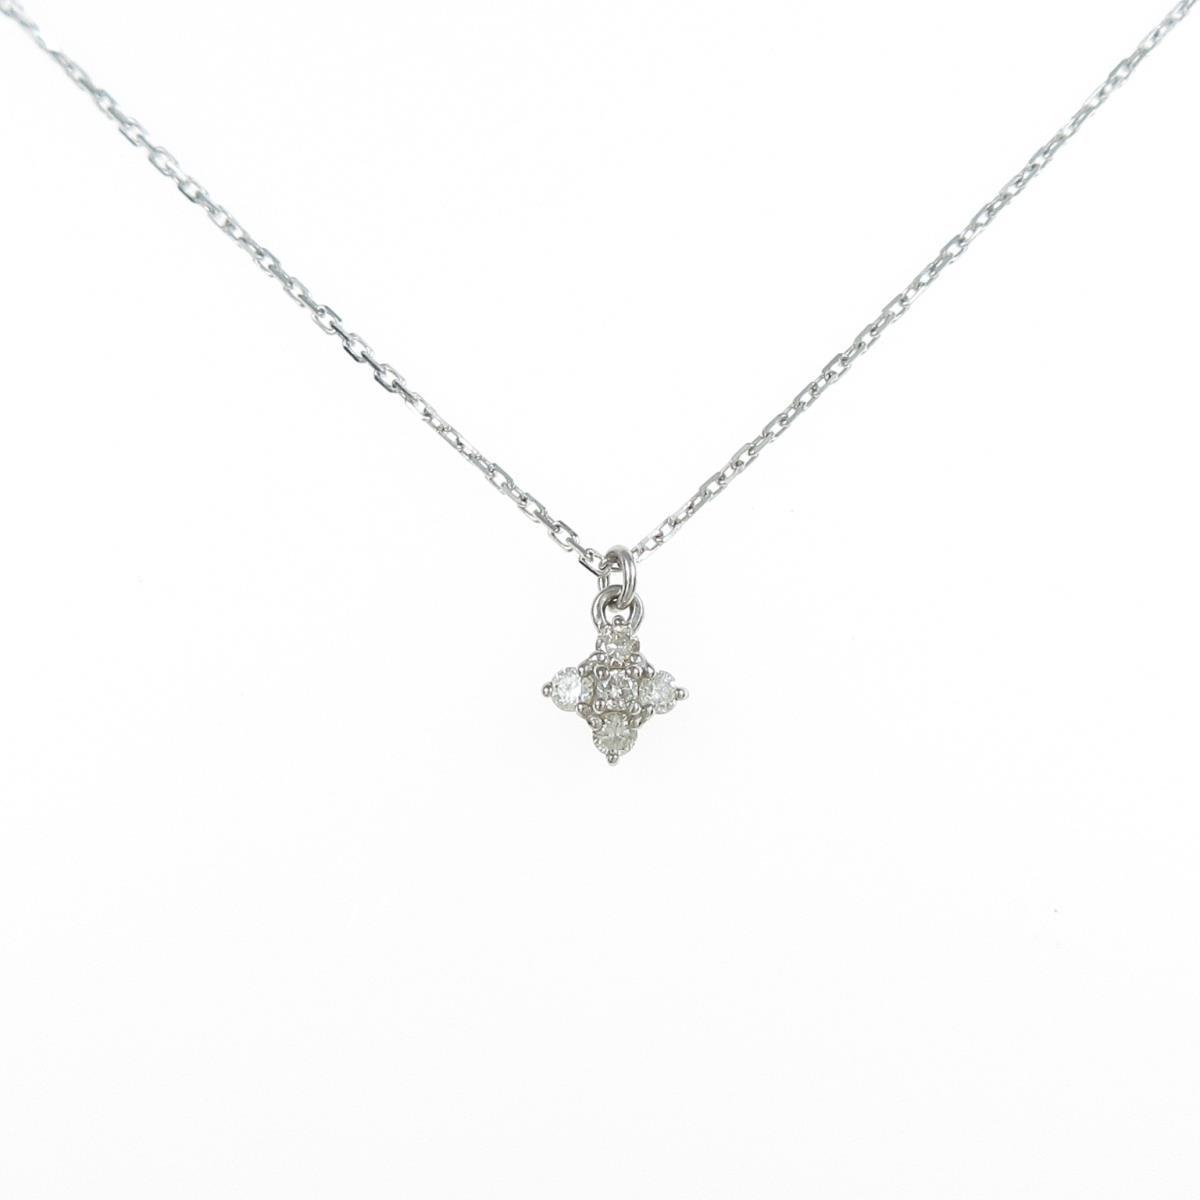 高品質新品 アガット フラワー ダイヤモンドネックレス 中古 ◆高品質